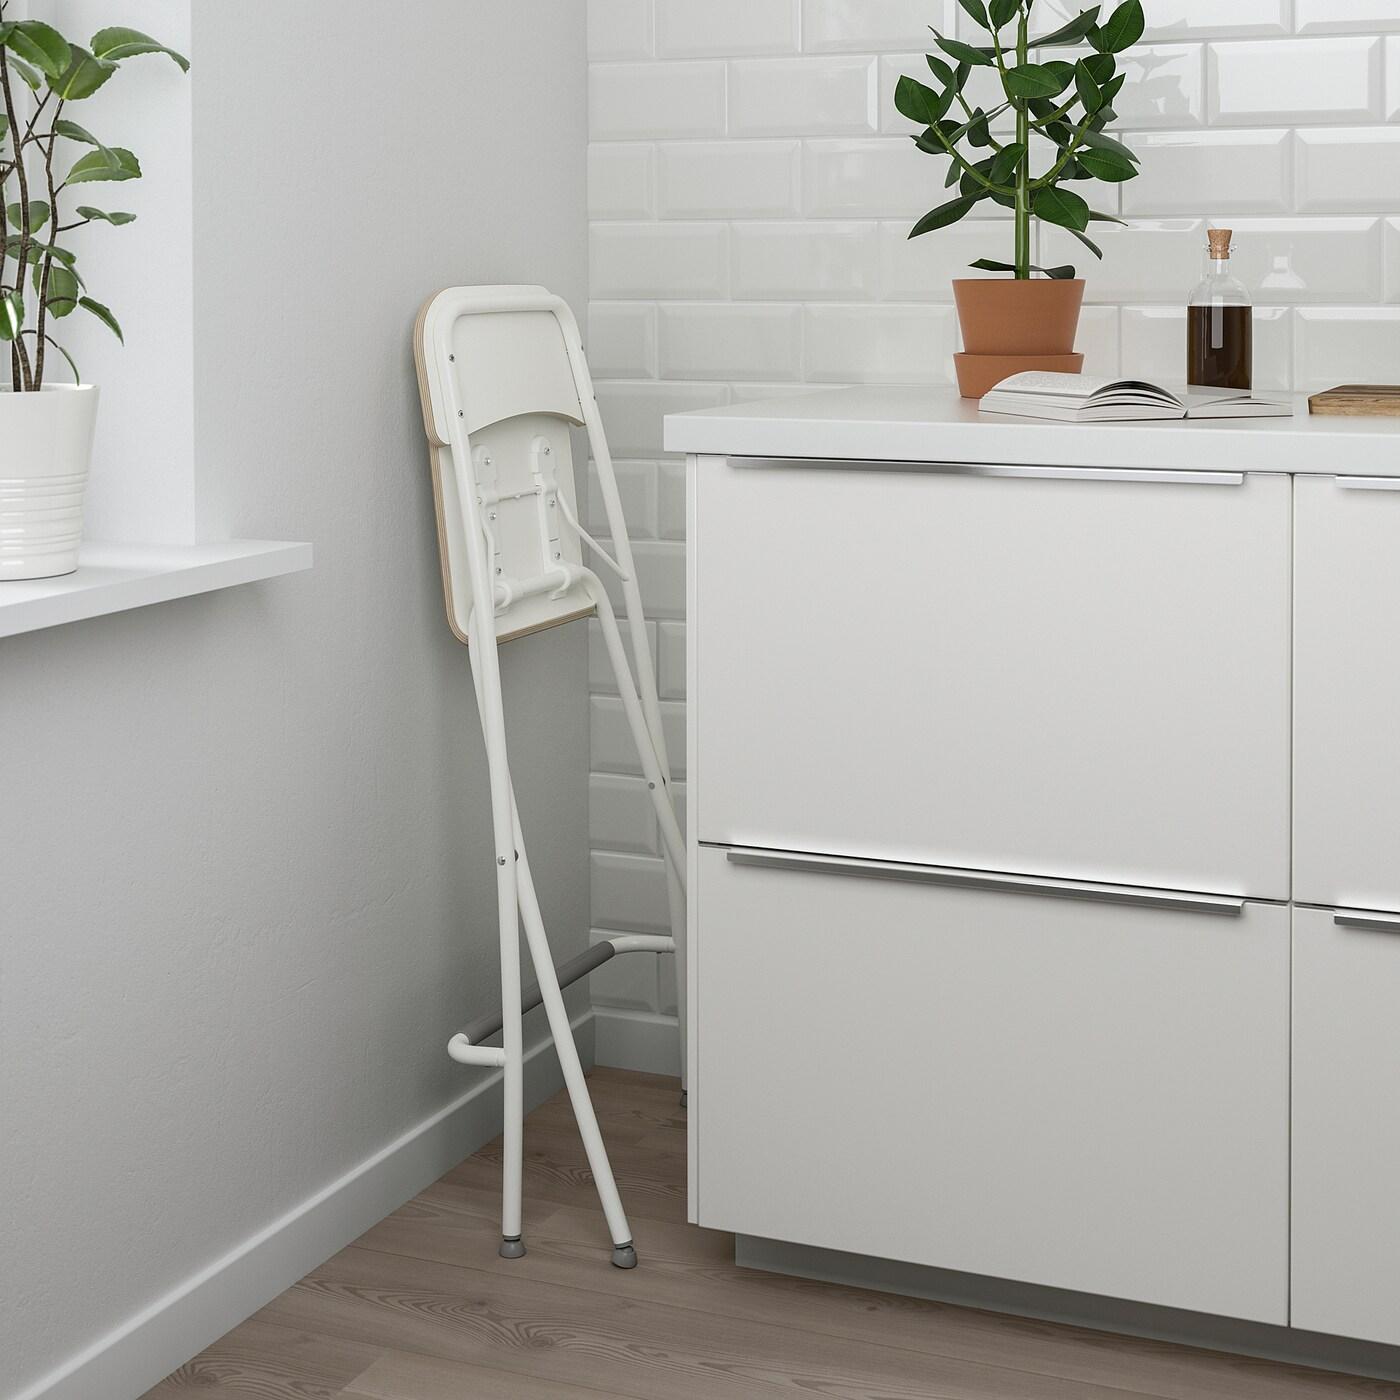 FRANKLIN Sgabello bar con schienale, pieghev bianco, bianco 63 cm